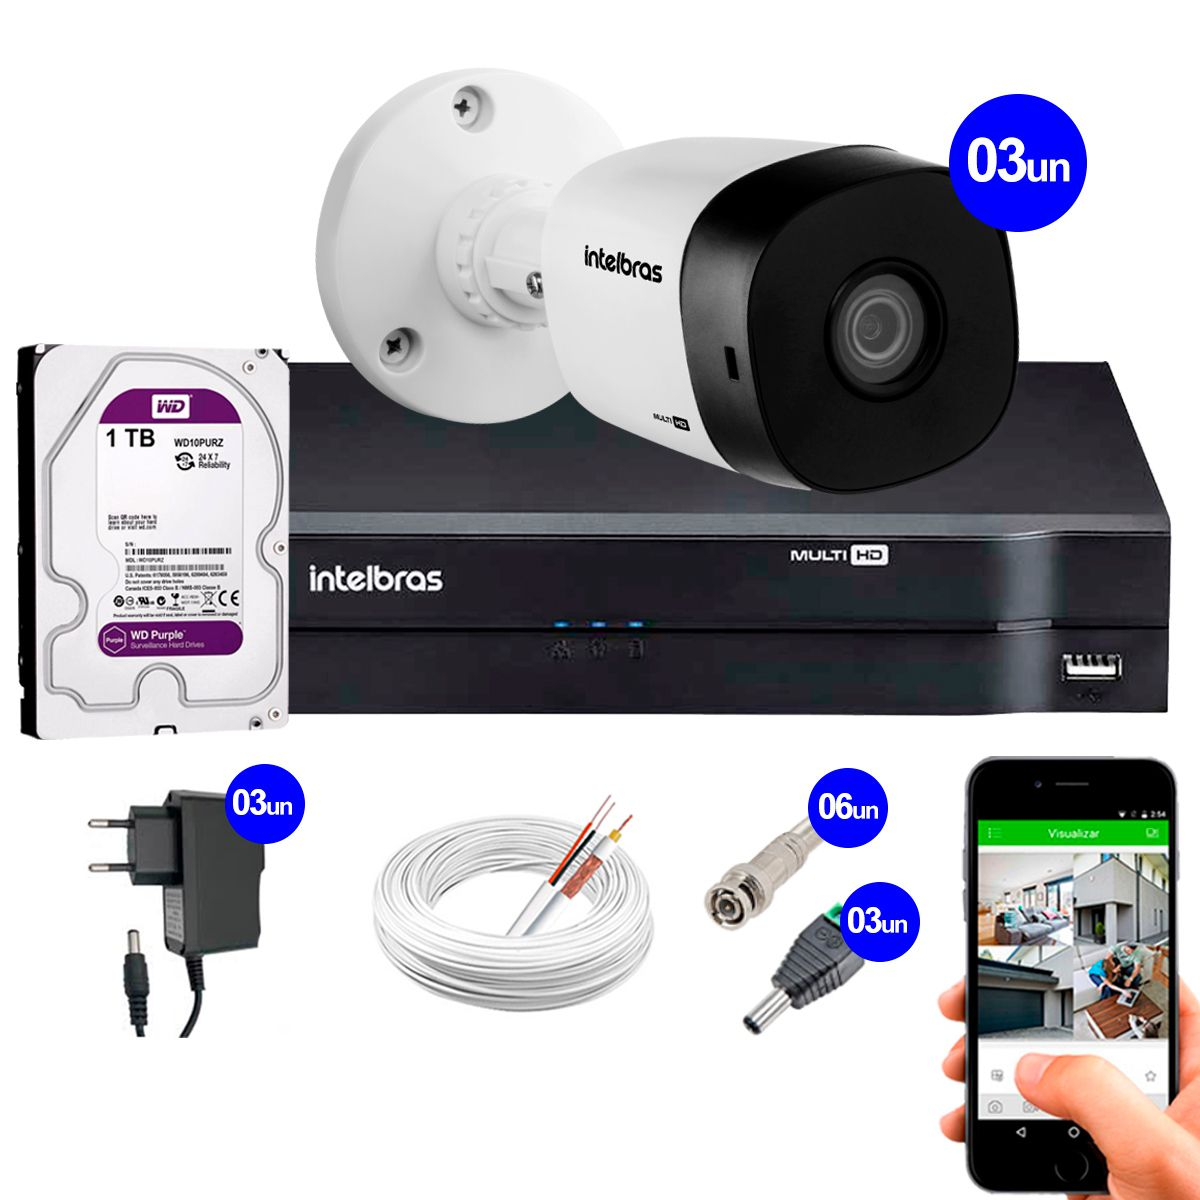 Kit 3 Câmeras VHD 1120 B G5 + DVR Intelbras + HD 1TB para Armazenamento + App Grátis de Monitoramento, Câmeras HD 720p 20m Infravermelho de Visão Noturna Intelbras + Fonte, Cabos e Acessórios  - Tudo Forte